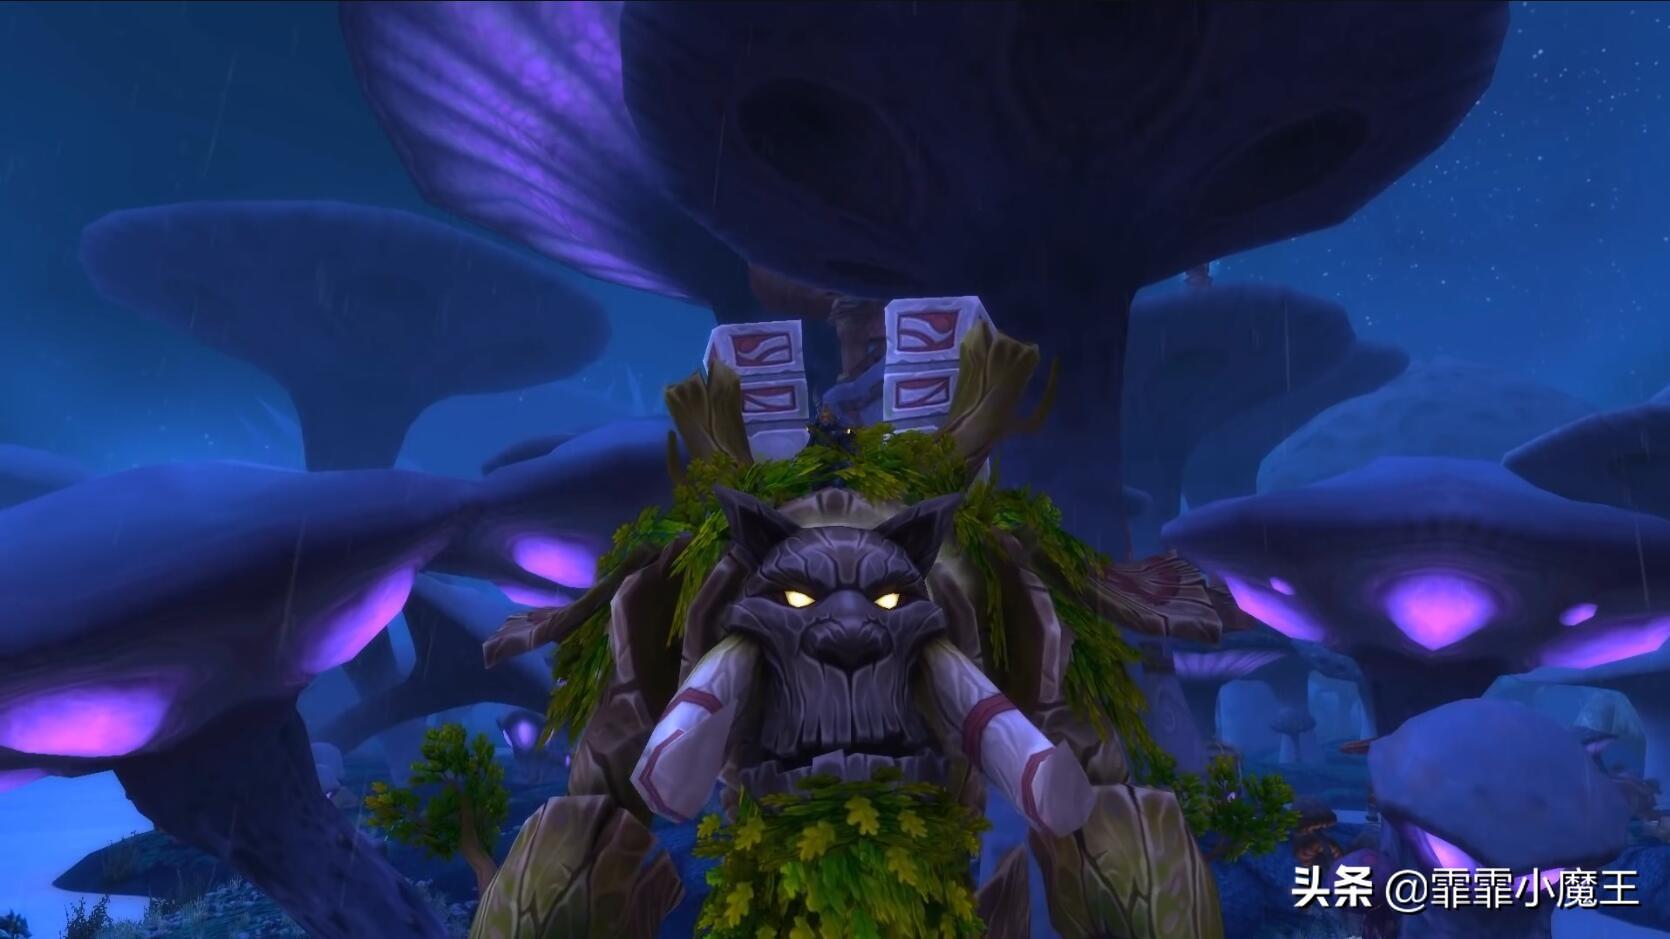 """魔兽世界9.0,暴雪送坐骑,玩家自己选,绿色""""幽灵虎""""待加入  第2张"""